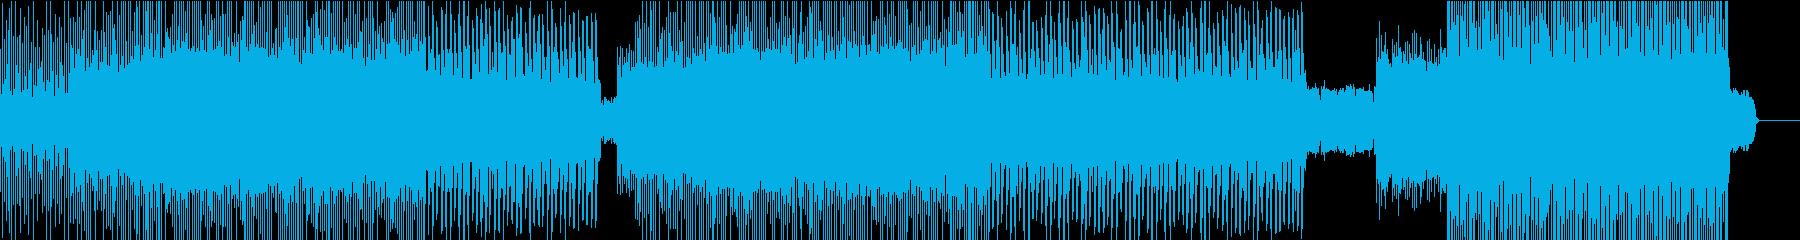 疾走感のあるロック・ミュージックの再生済みの波形